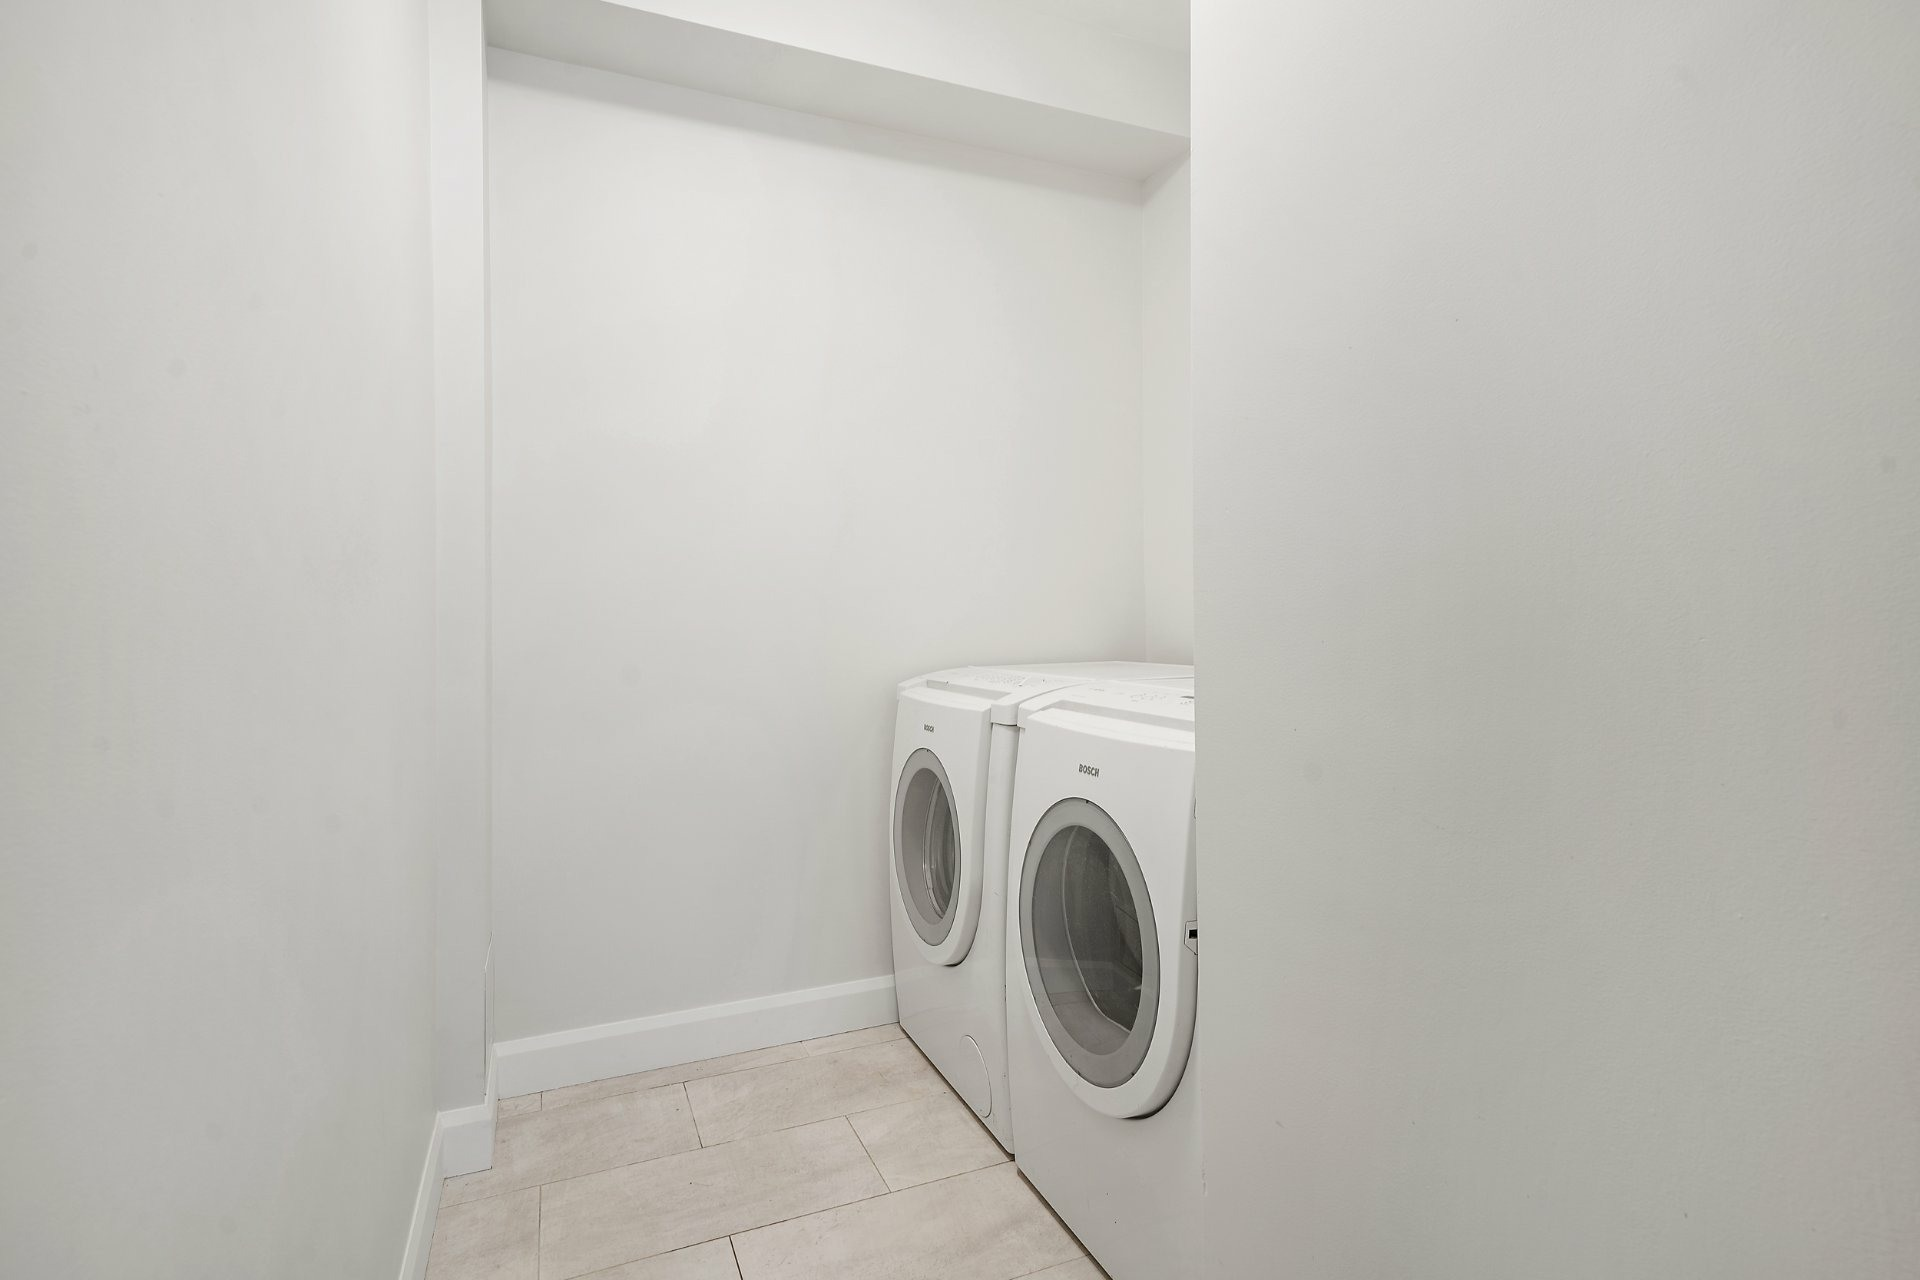 image 24 - Duplex À vendre Saint-Laurent Montréal  - 5 pièces